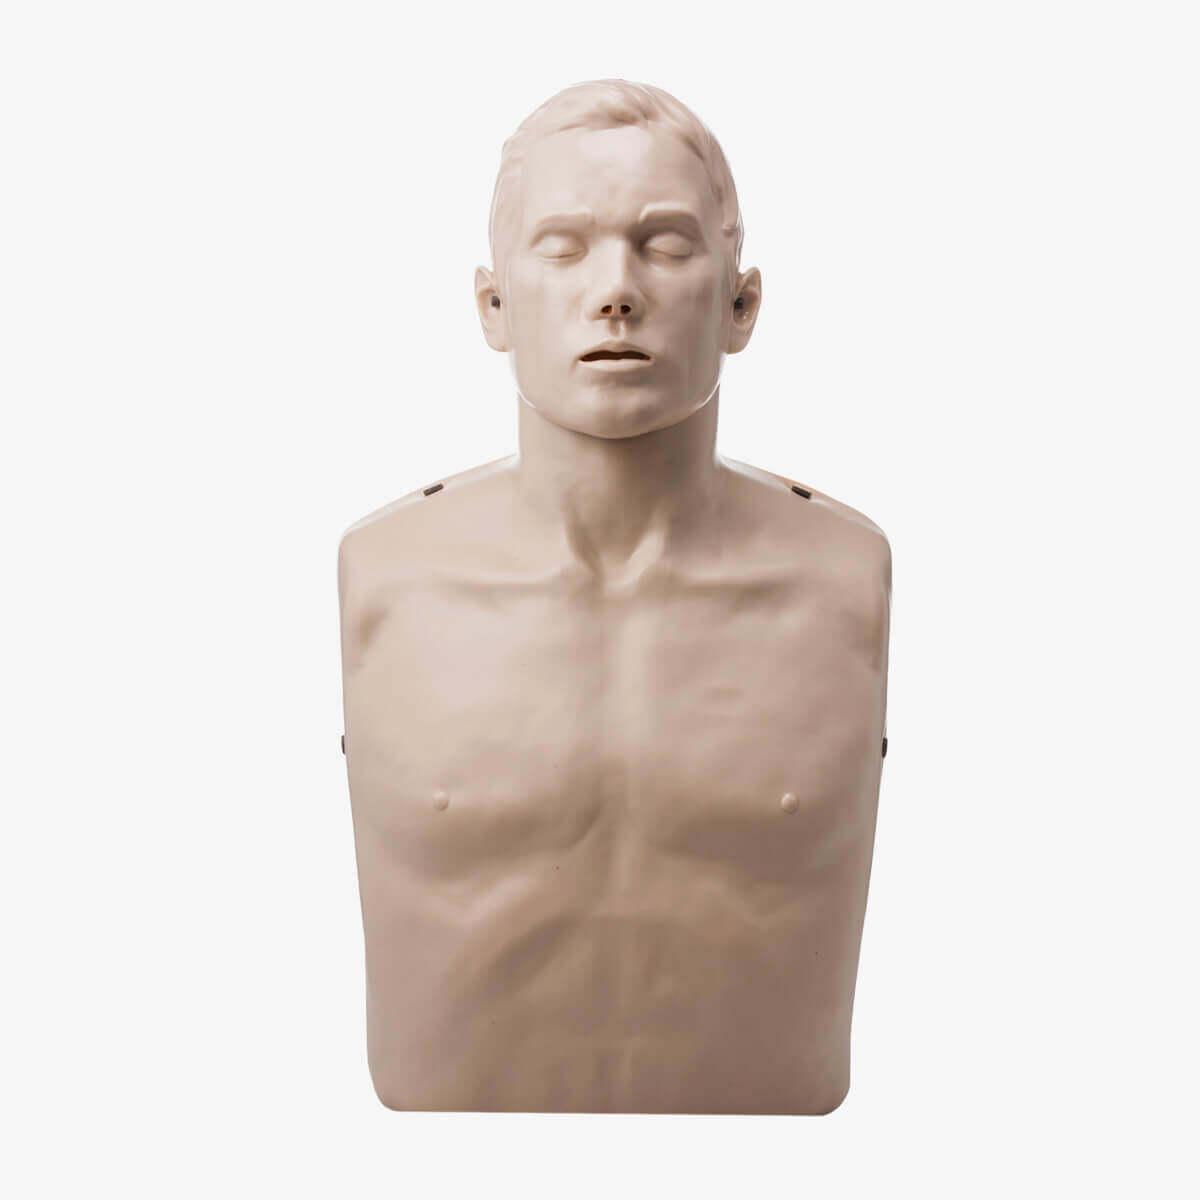 Brayden Übungspuppe für die Herz-Lungen-Wiederbelebung mit Klickgeräusch